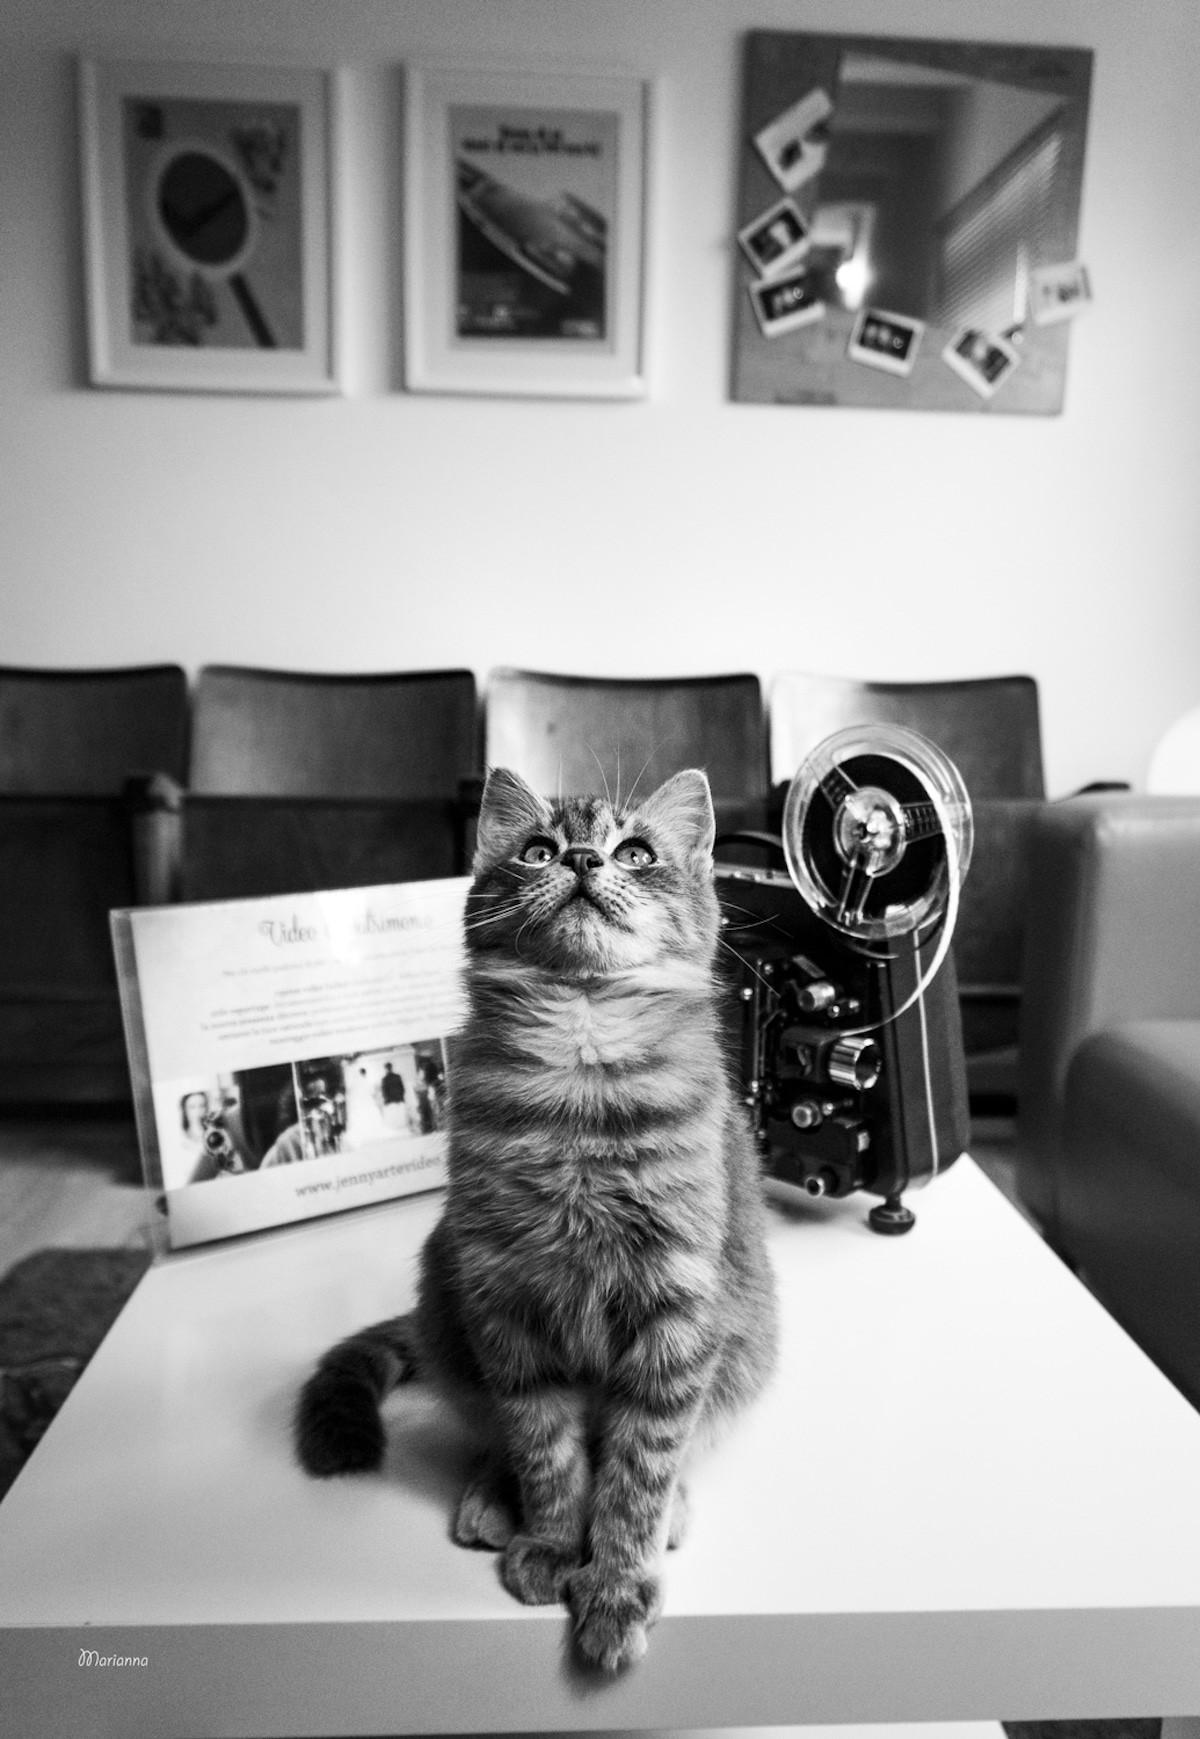 Фотографии кошек, которые живут в местах, где работают люди 4